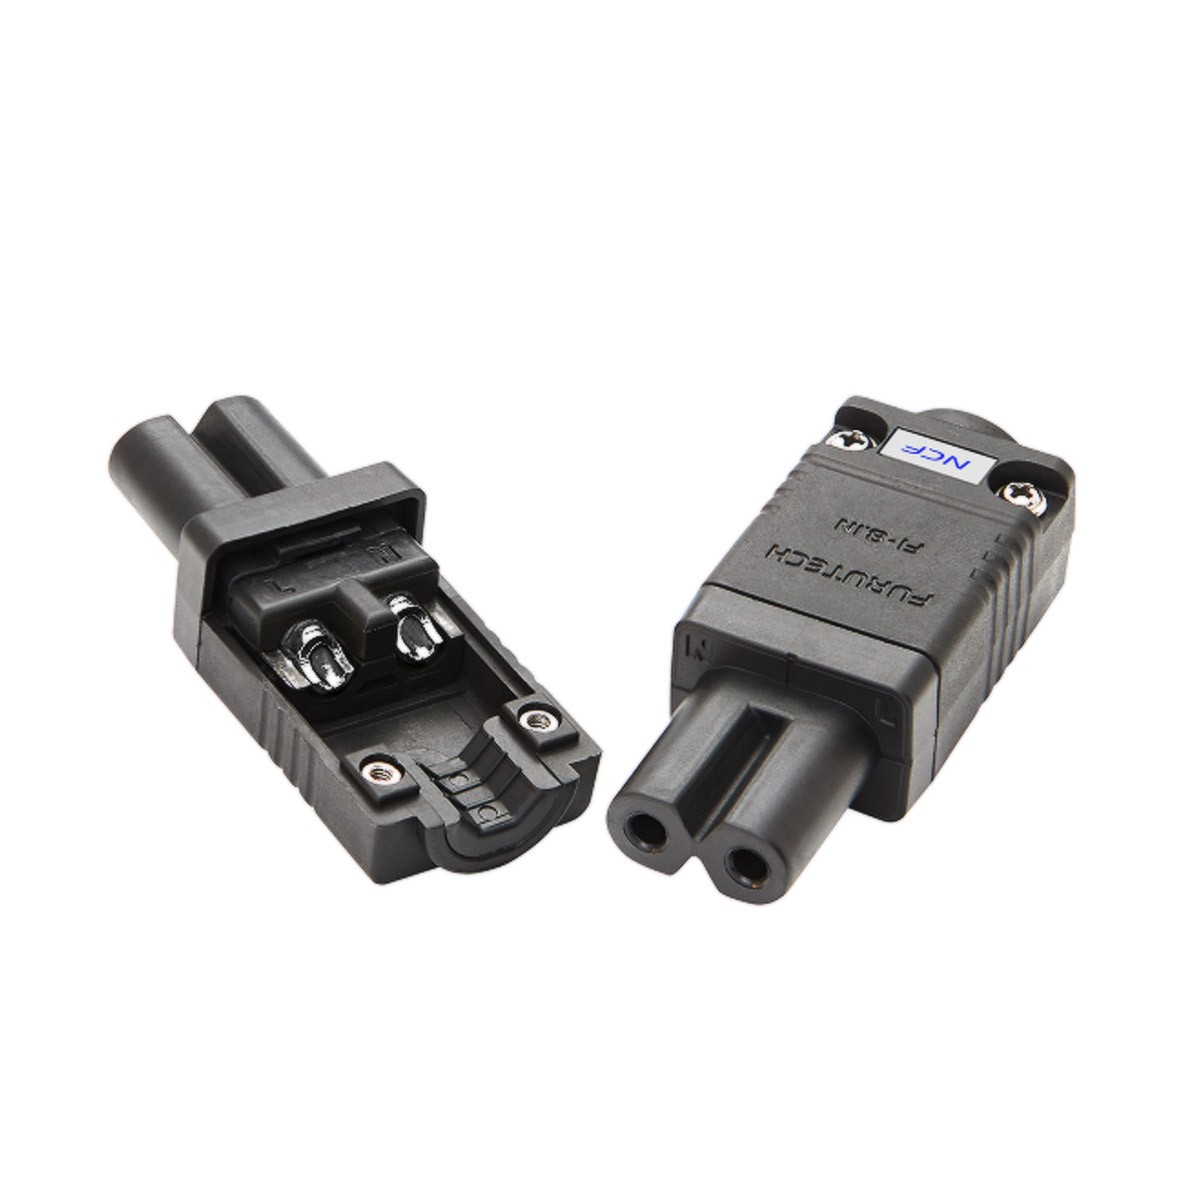 FURUTECH FI-8.1(R) NCF Connecteur IEC C7 Plaquage Rhodium NCF Traitement Alpha Ø10.5mm